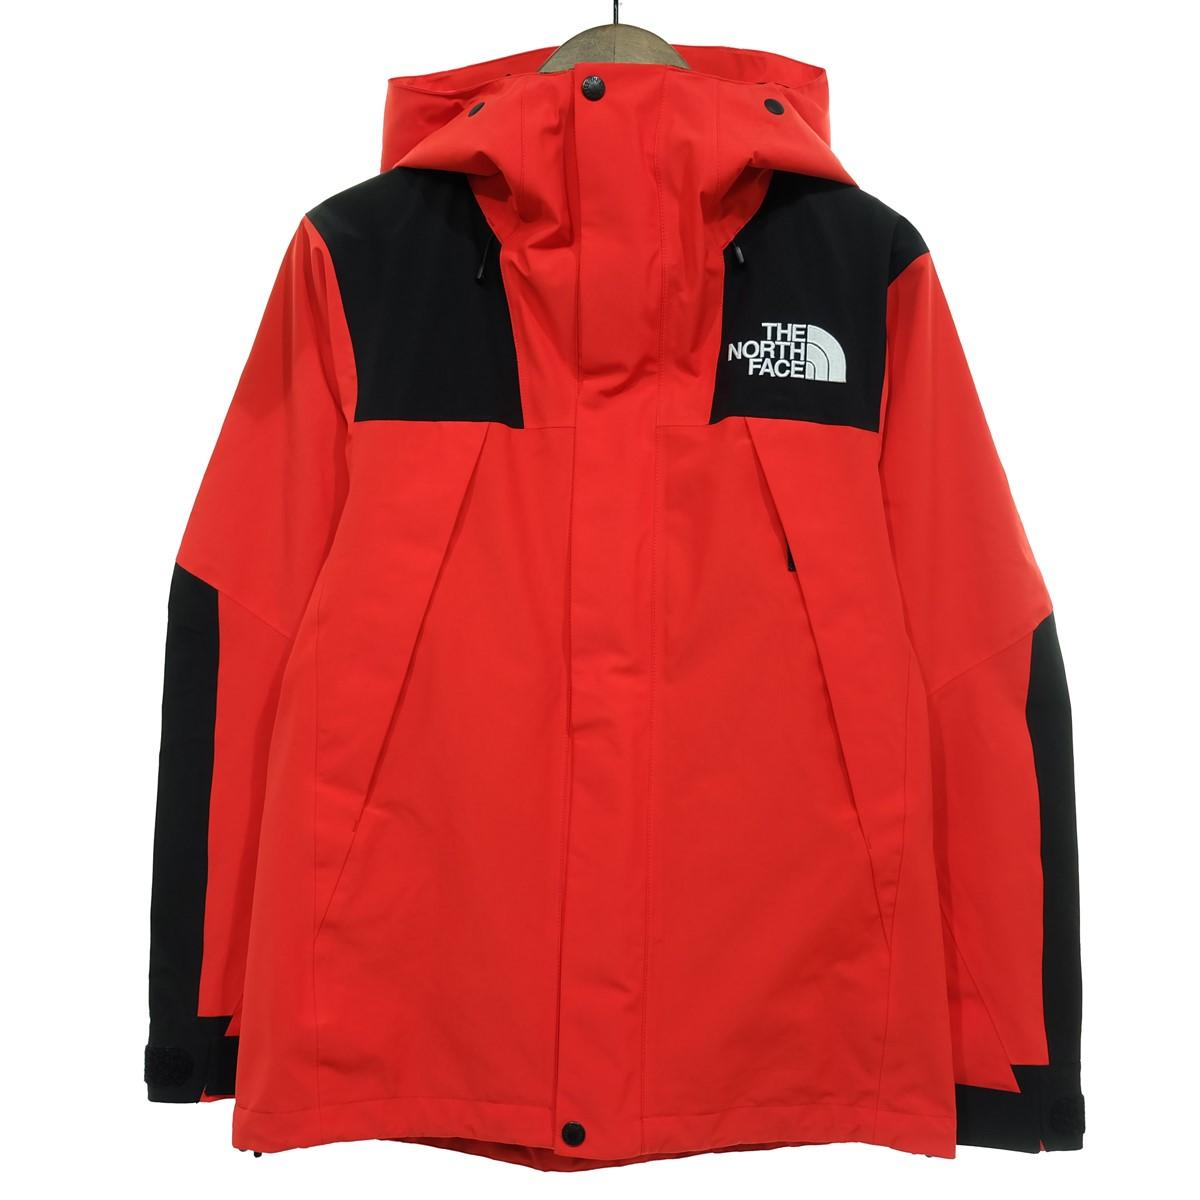 【中古】THE NORTH FACE Mountain Jacket マウンテンジャケット レッド×ブラック サイズ:XS 【150320】(ザノースフェイス)